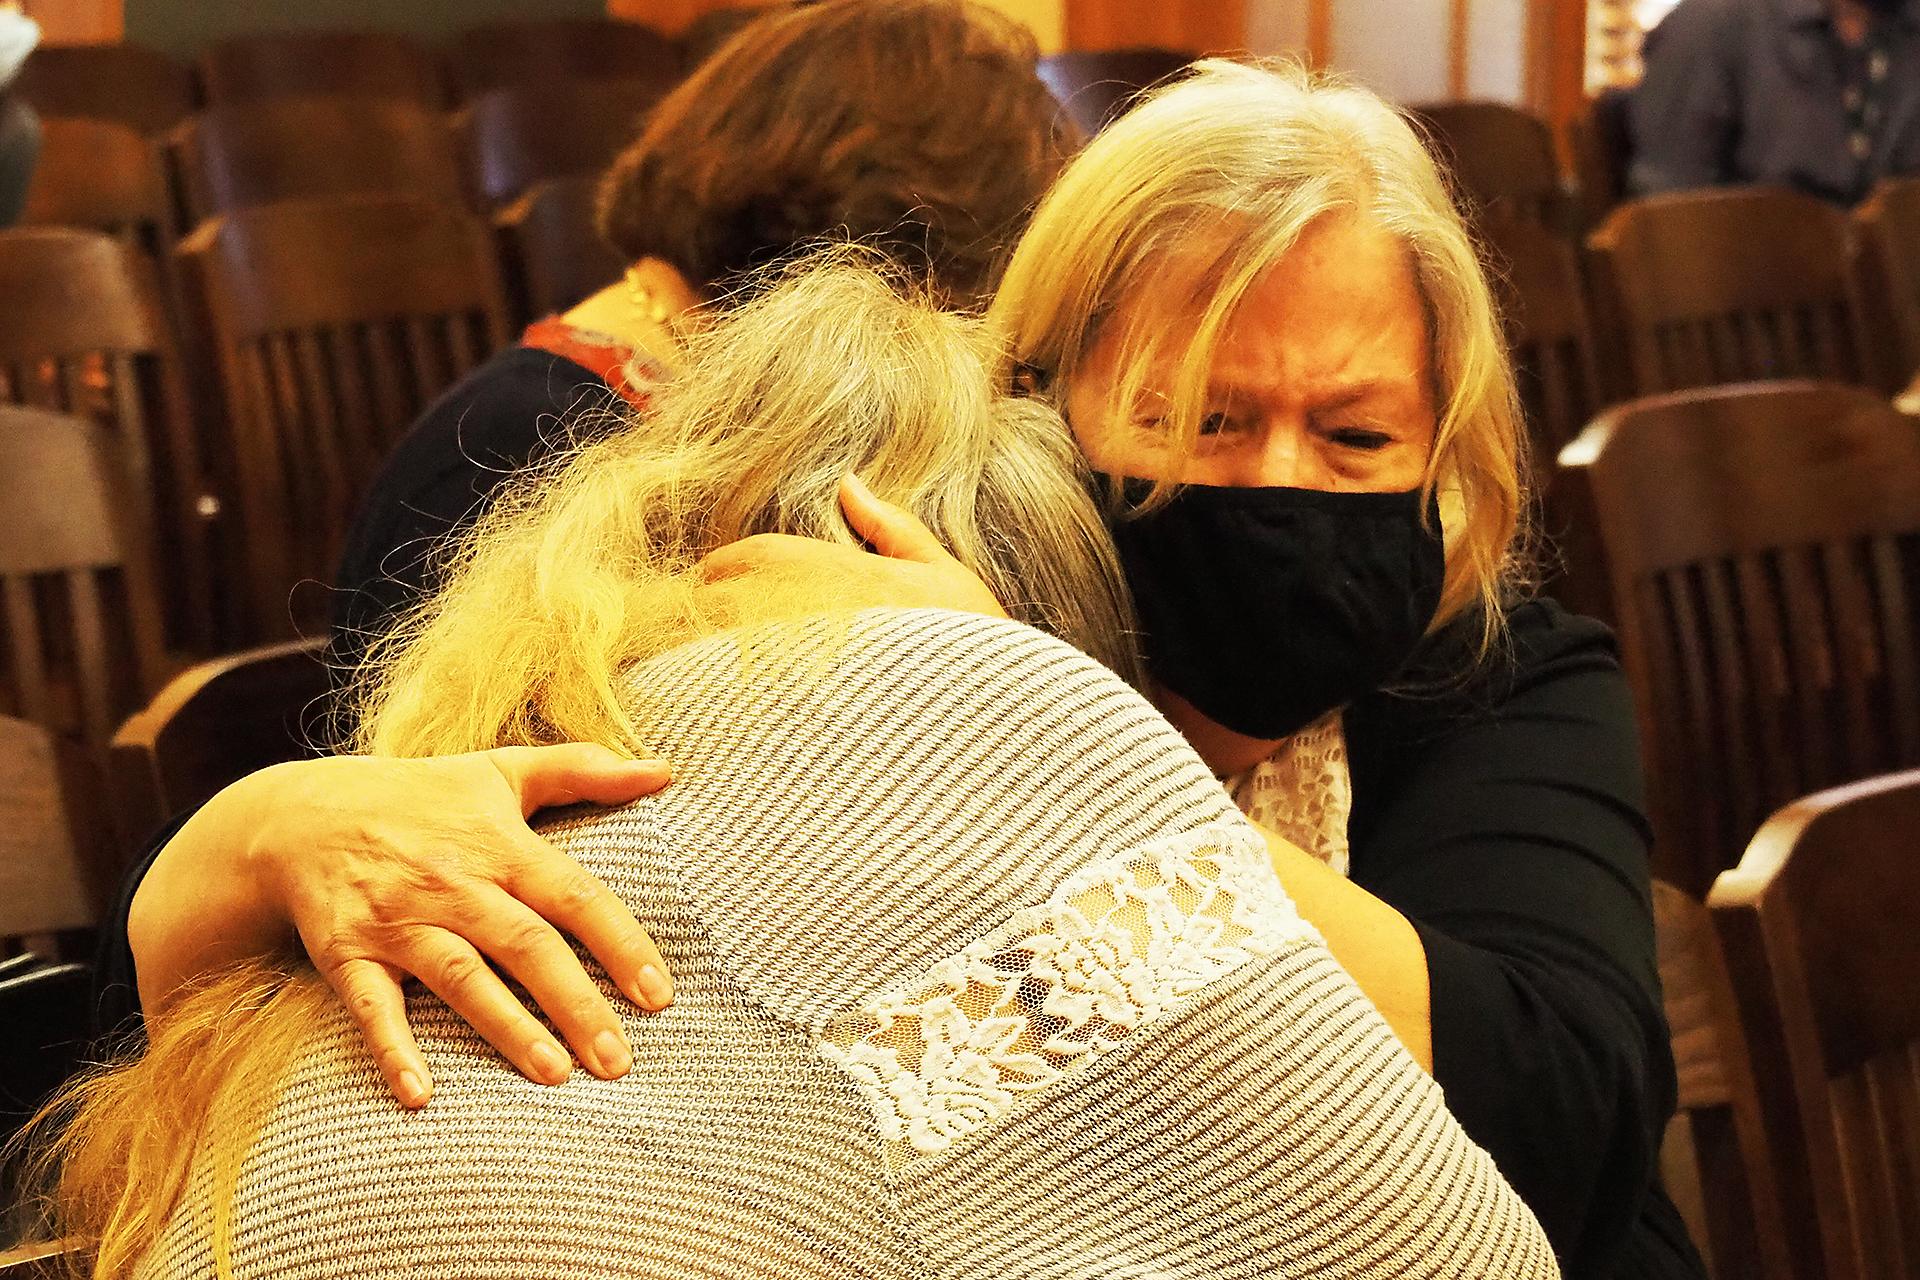 Heartbroken grandparents make emotional appeals for Kansas foster care reform